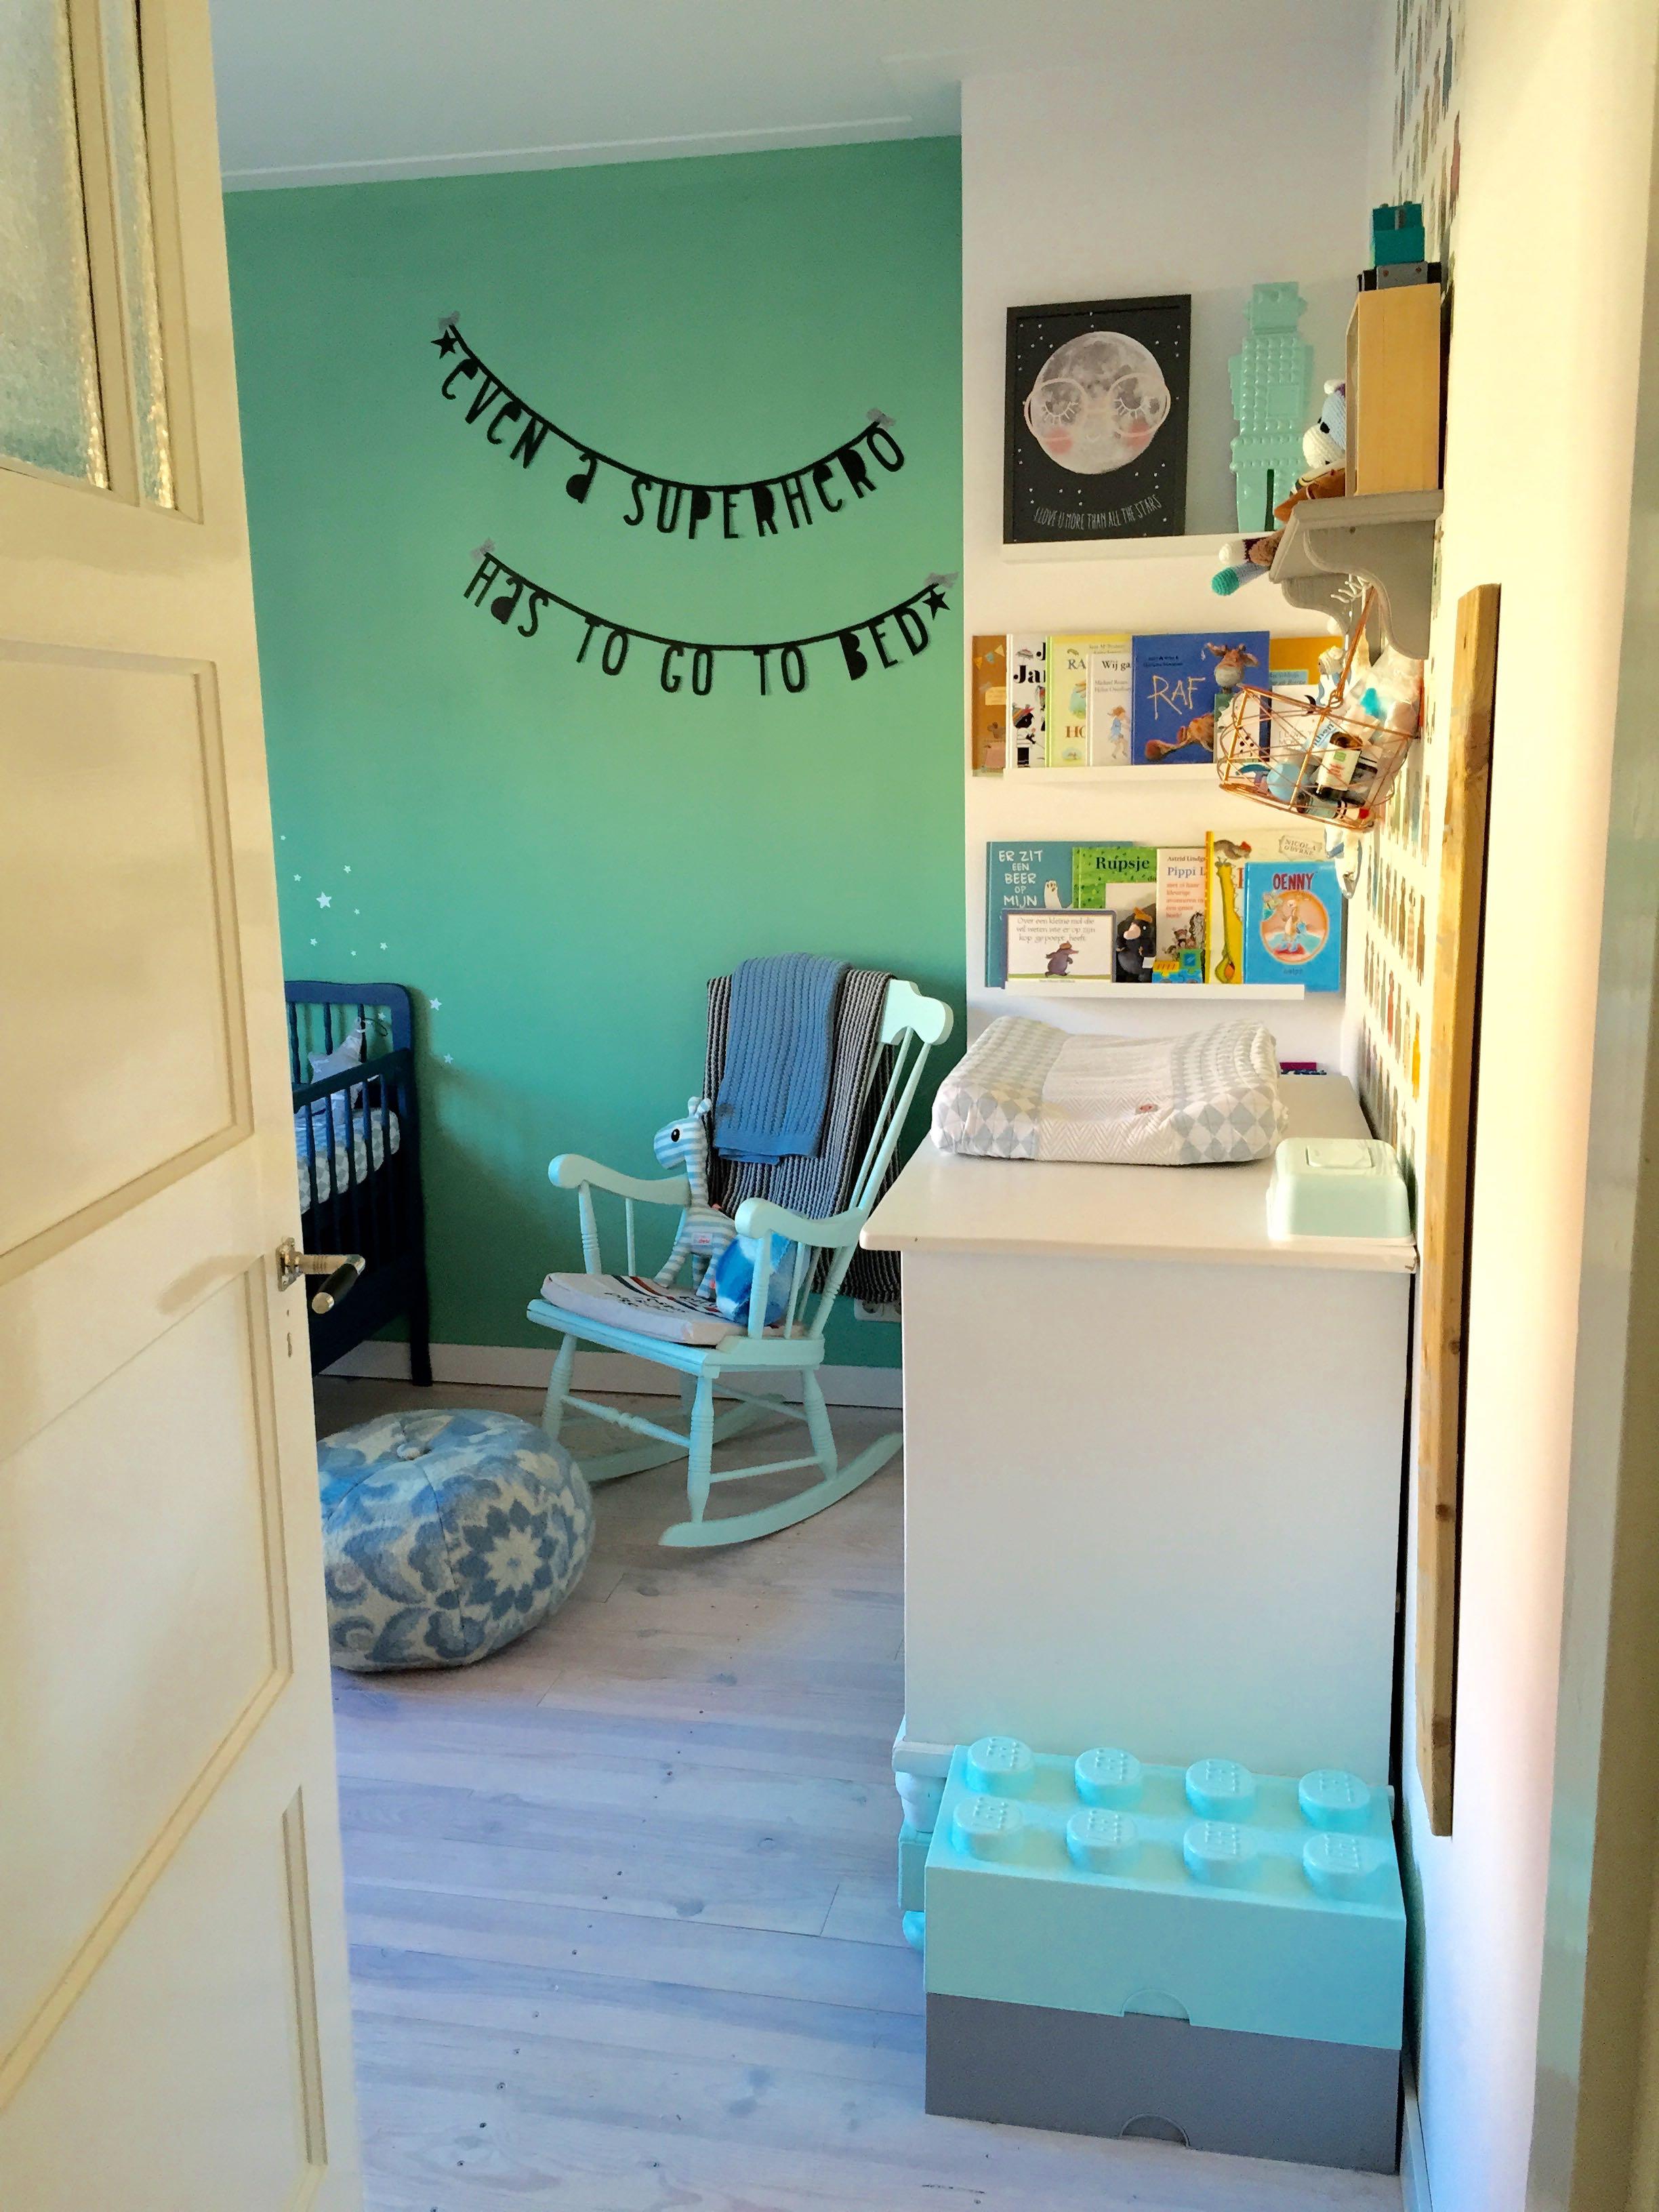 Landelijk baby kamer decor - Volwassen kamer decoratie model ...